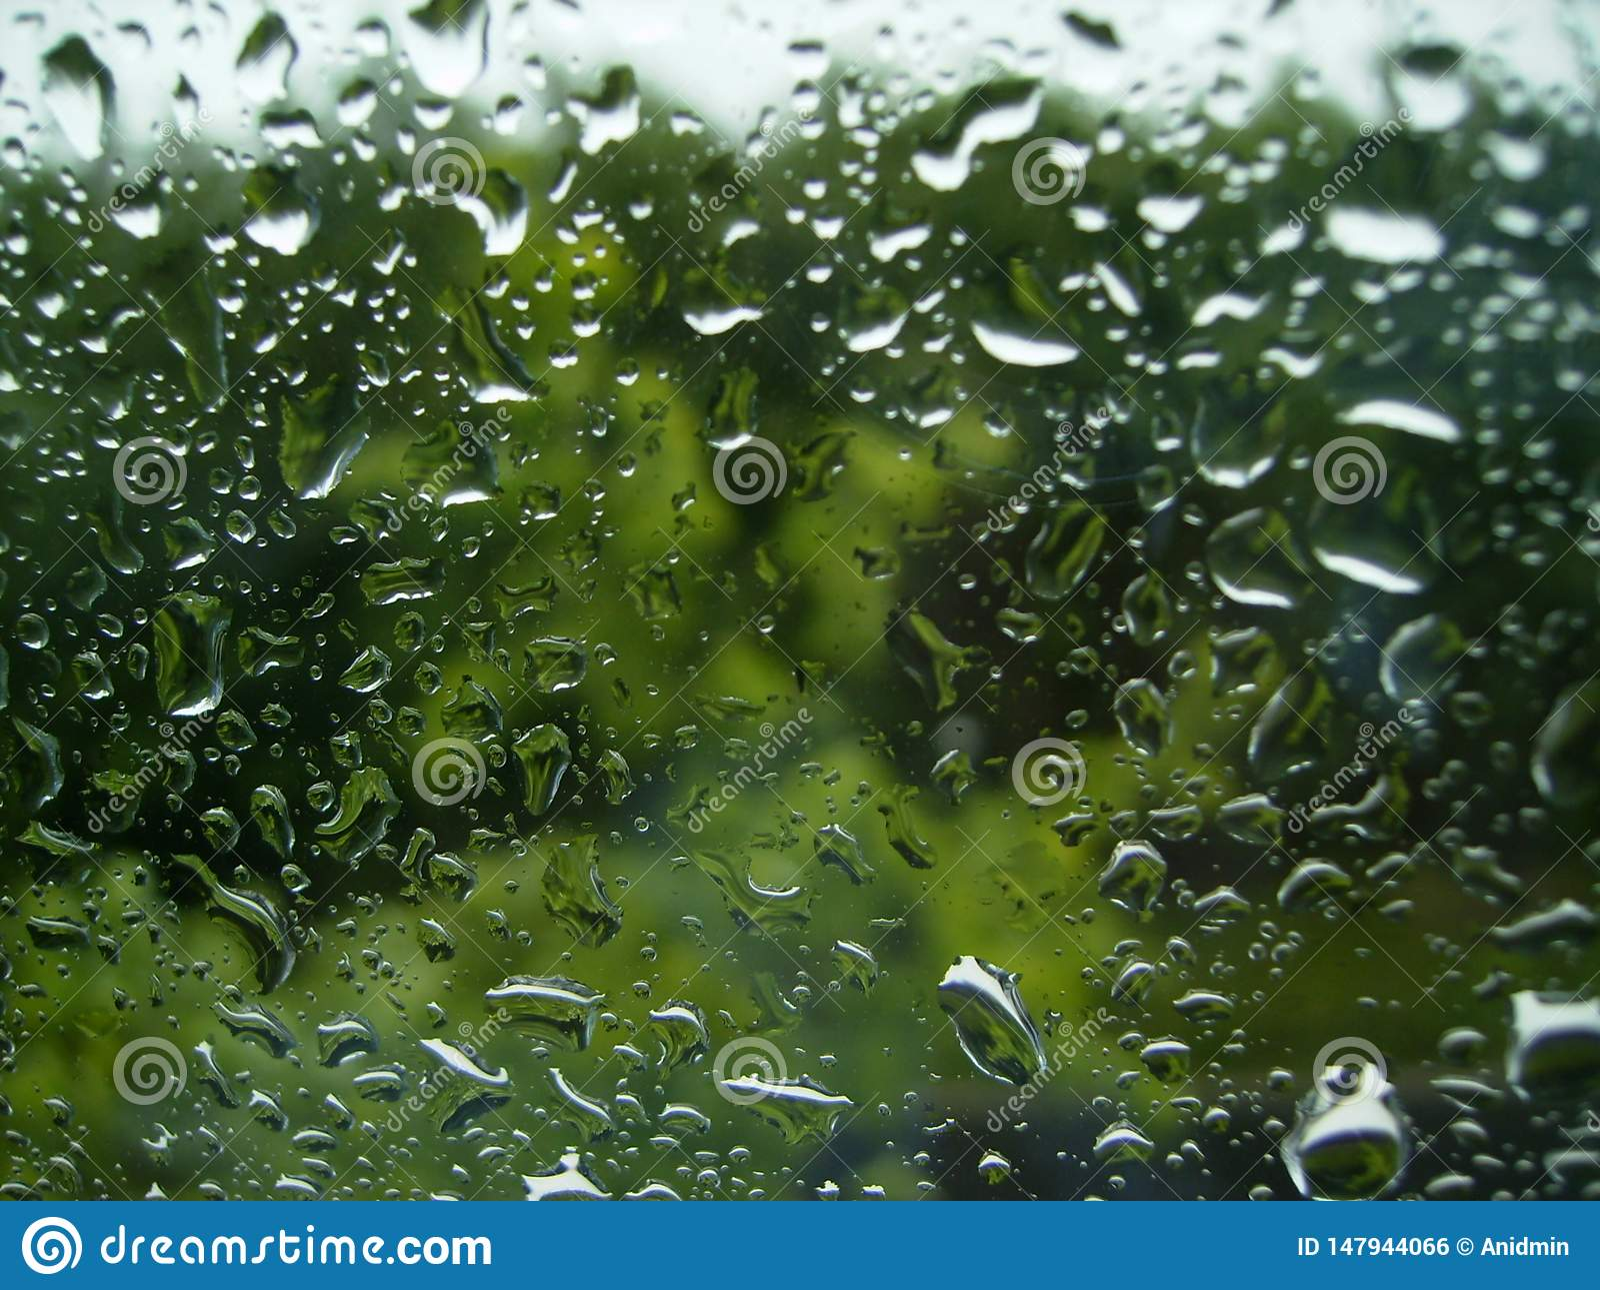 Regendruppels bij het venster op de groene achtergrond van bomen